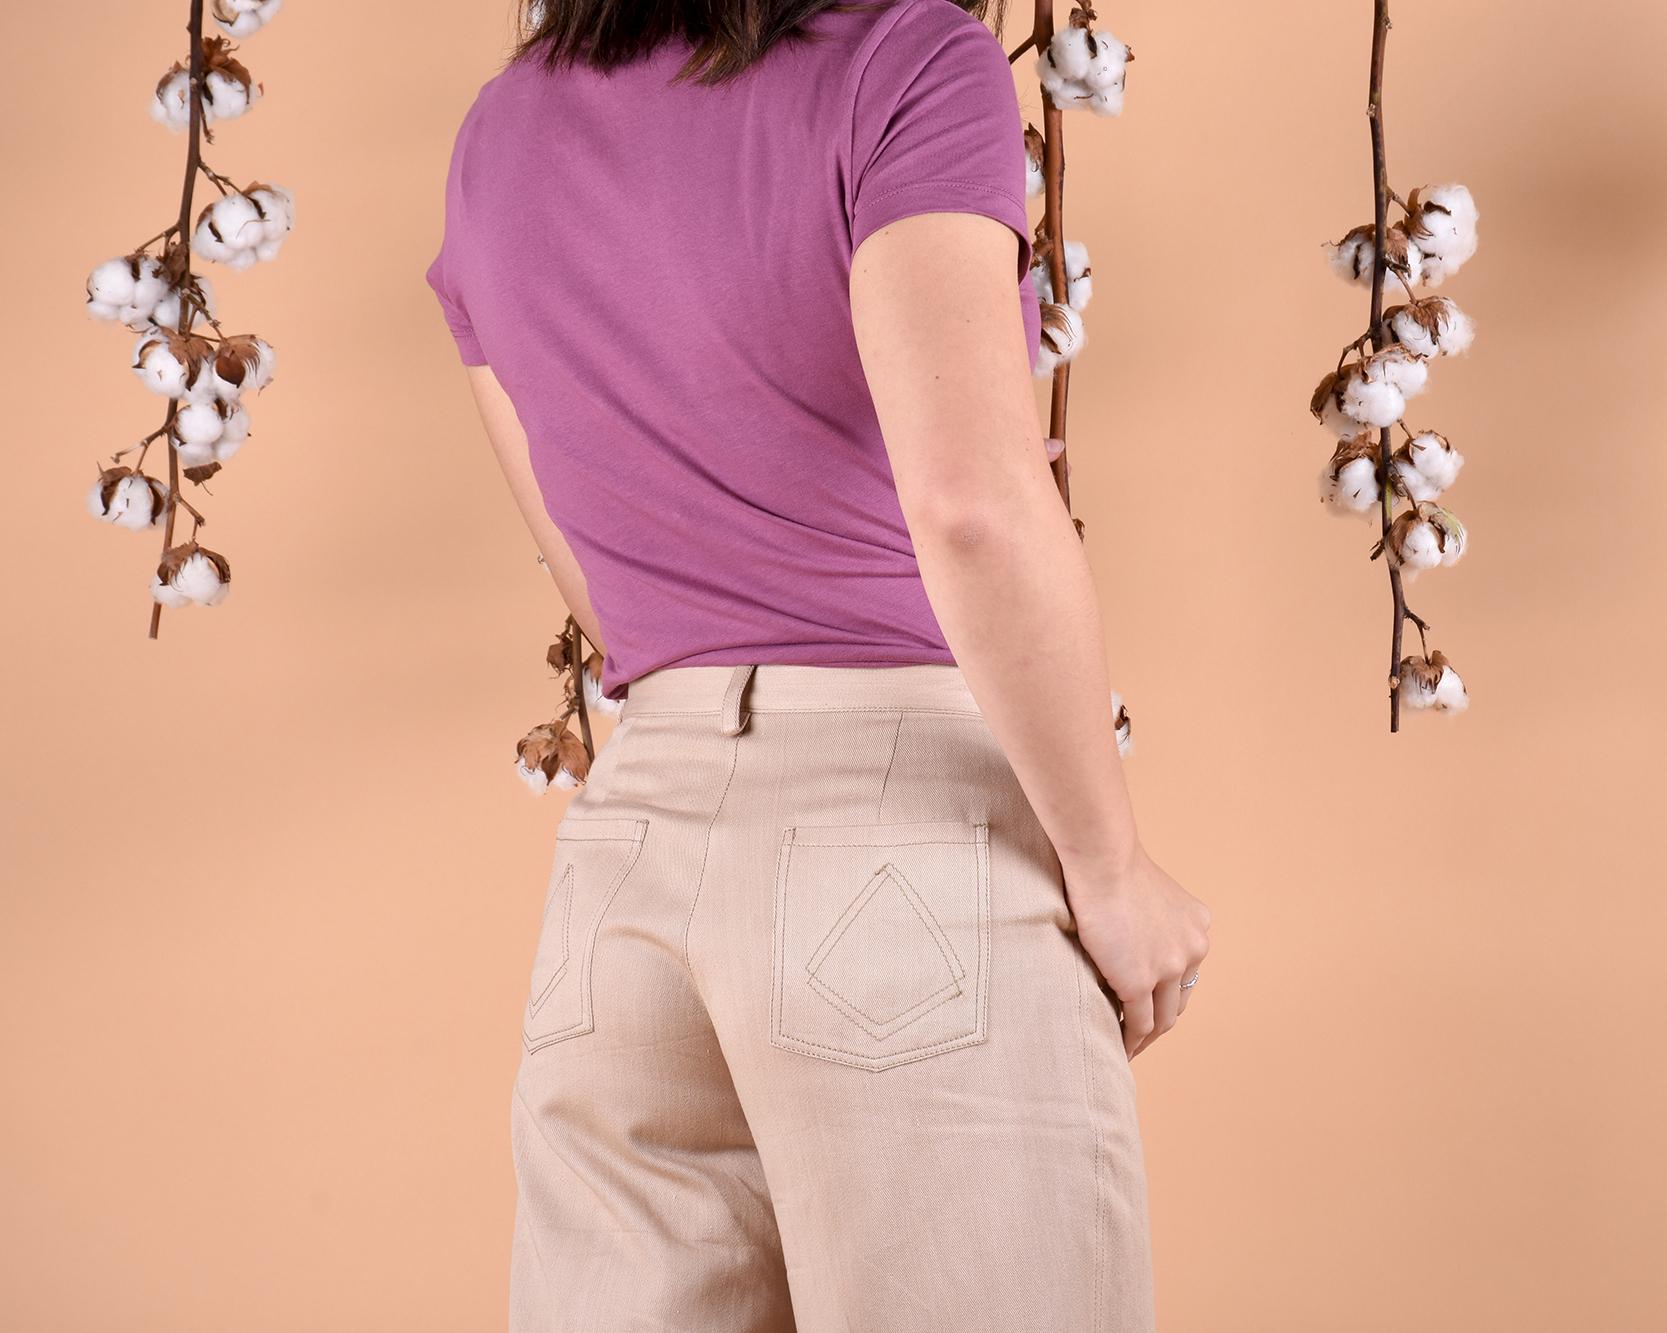 camiseta_mull_violeta_sempr_6